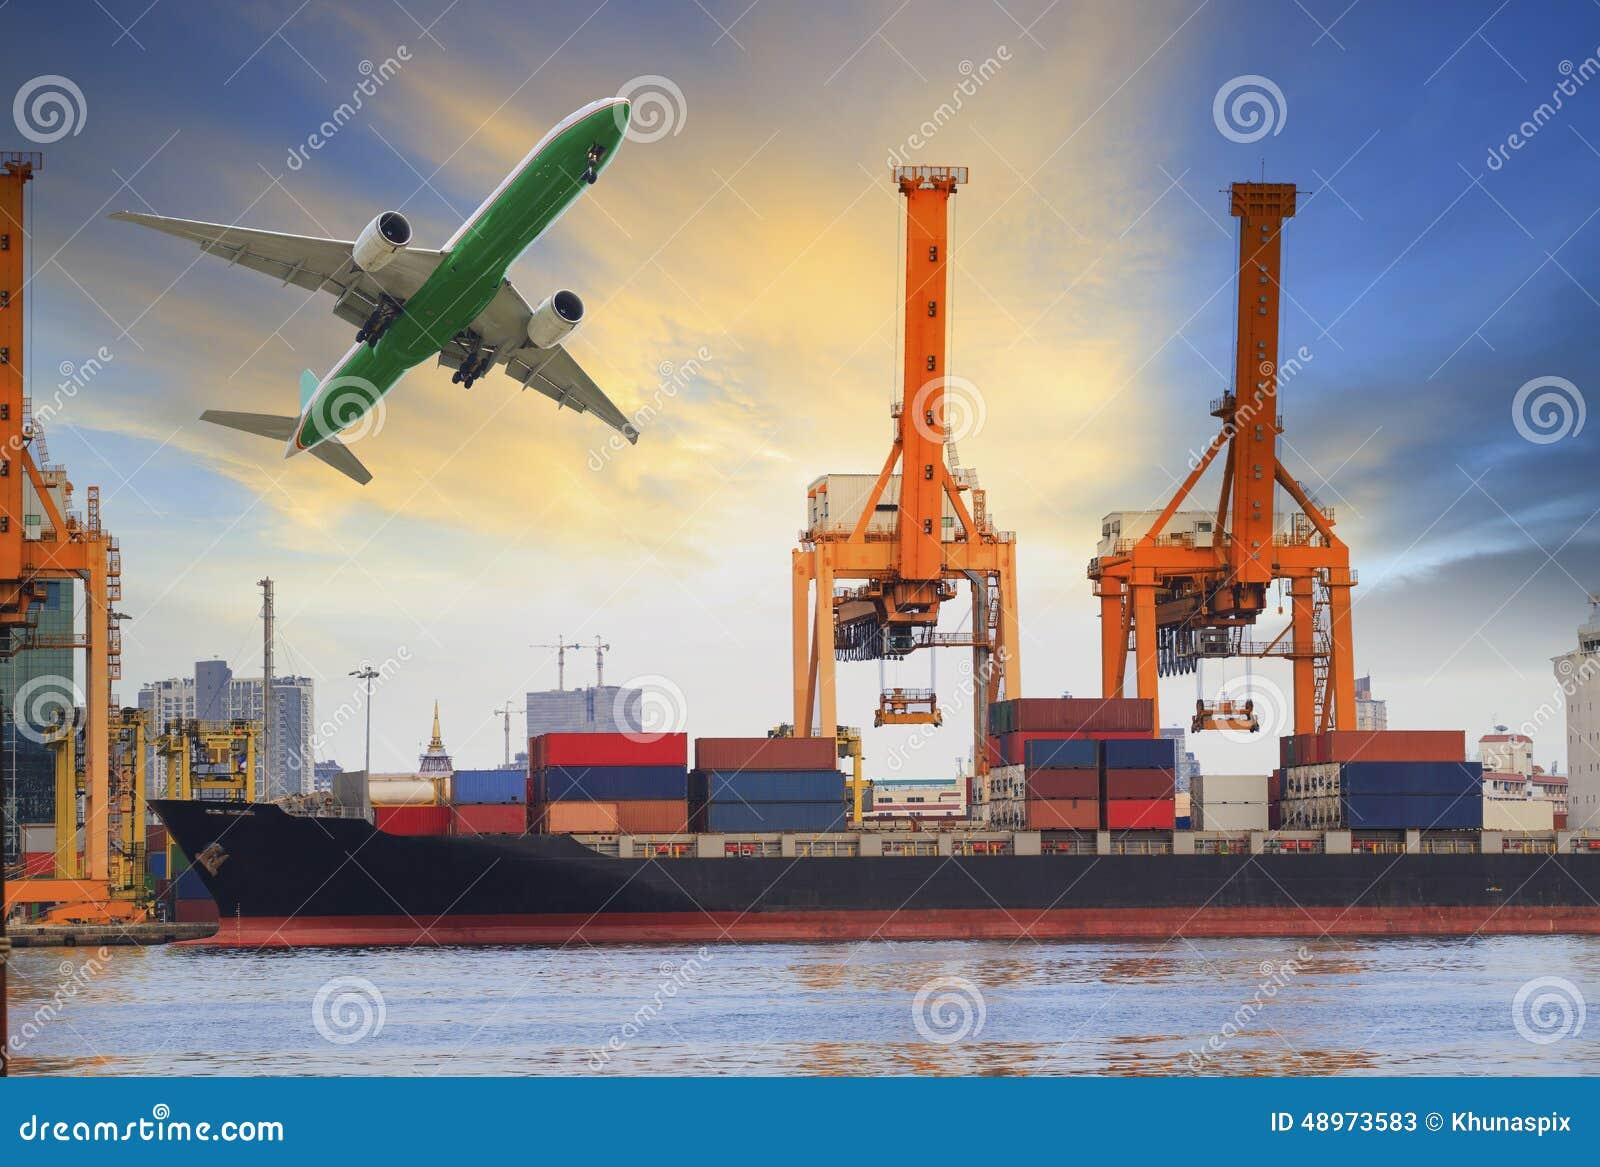 在口岸的集装箱船装货和飞行上面为水和空中运输产业的货机